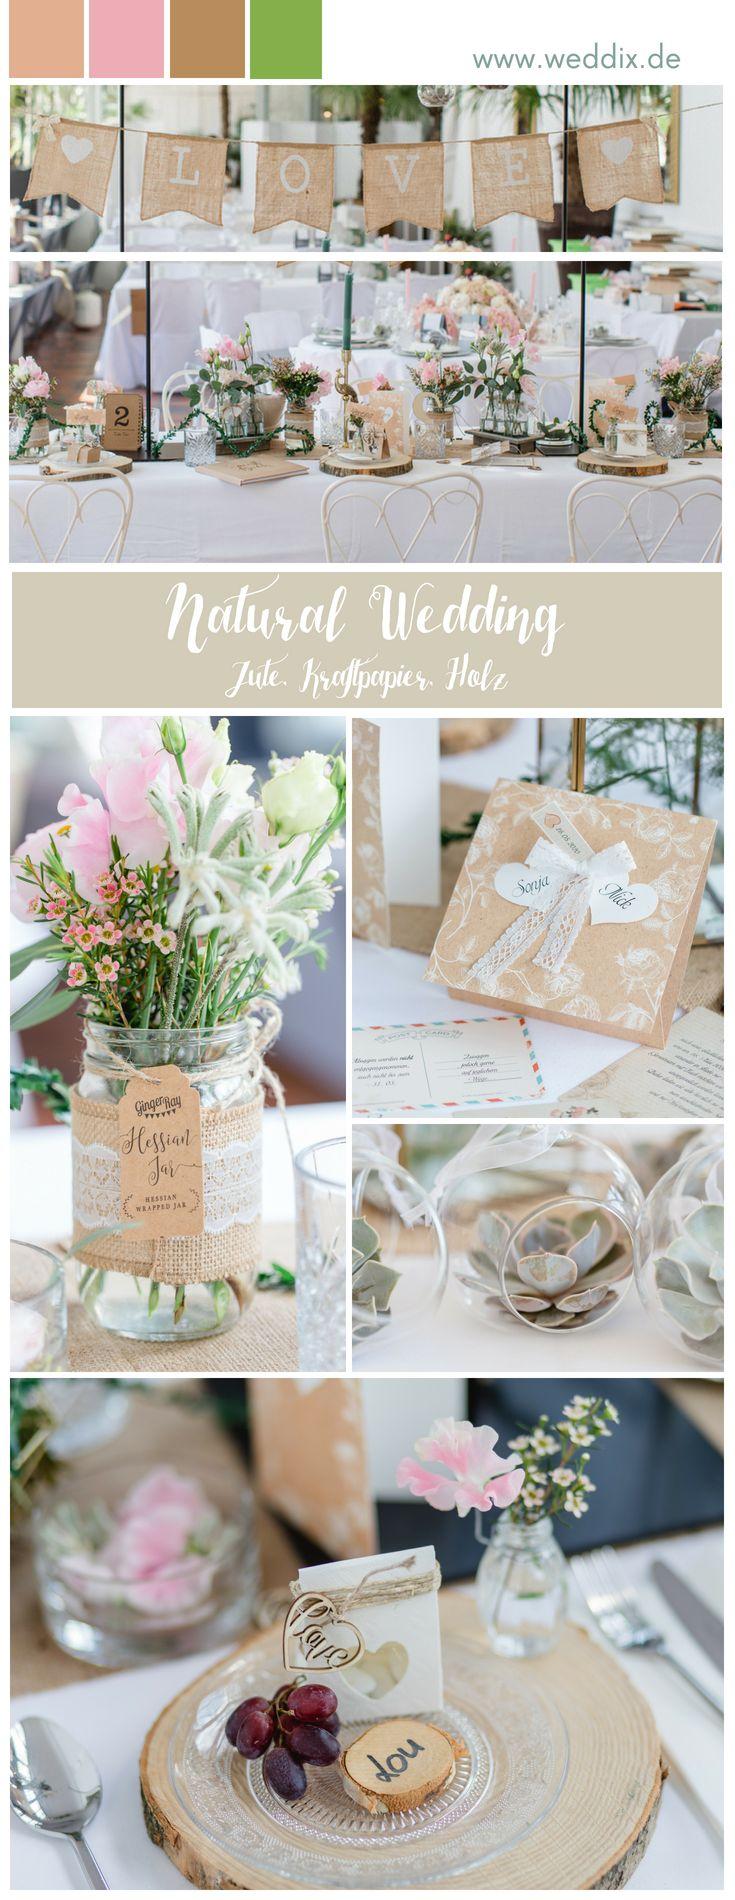 Inspiratie Natural Wedding ❤️ patroon tafel #natural wedding #wedding #nature # …  – Mustertische Hochzeit